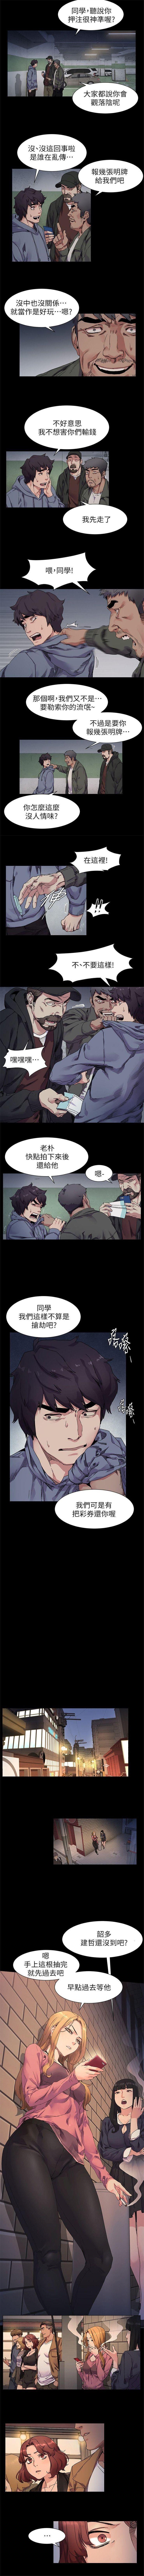 (週5)衝突 1-91 中文翻譯 (更新中) 107